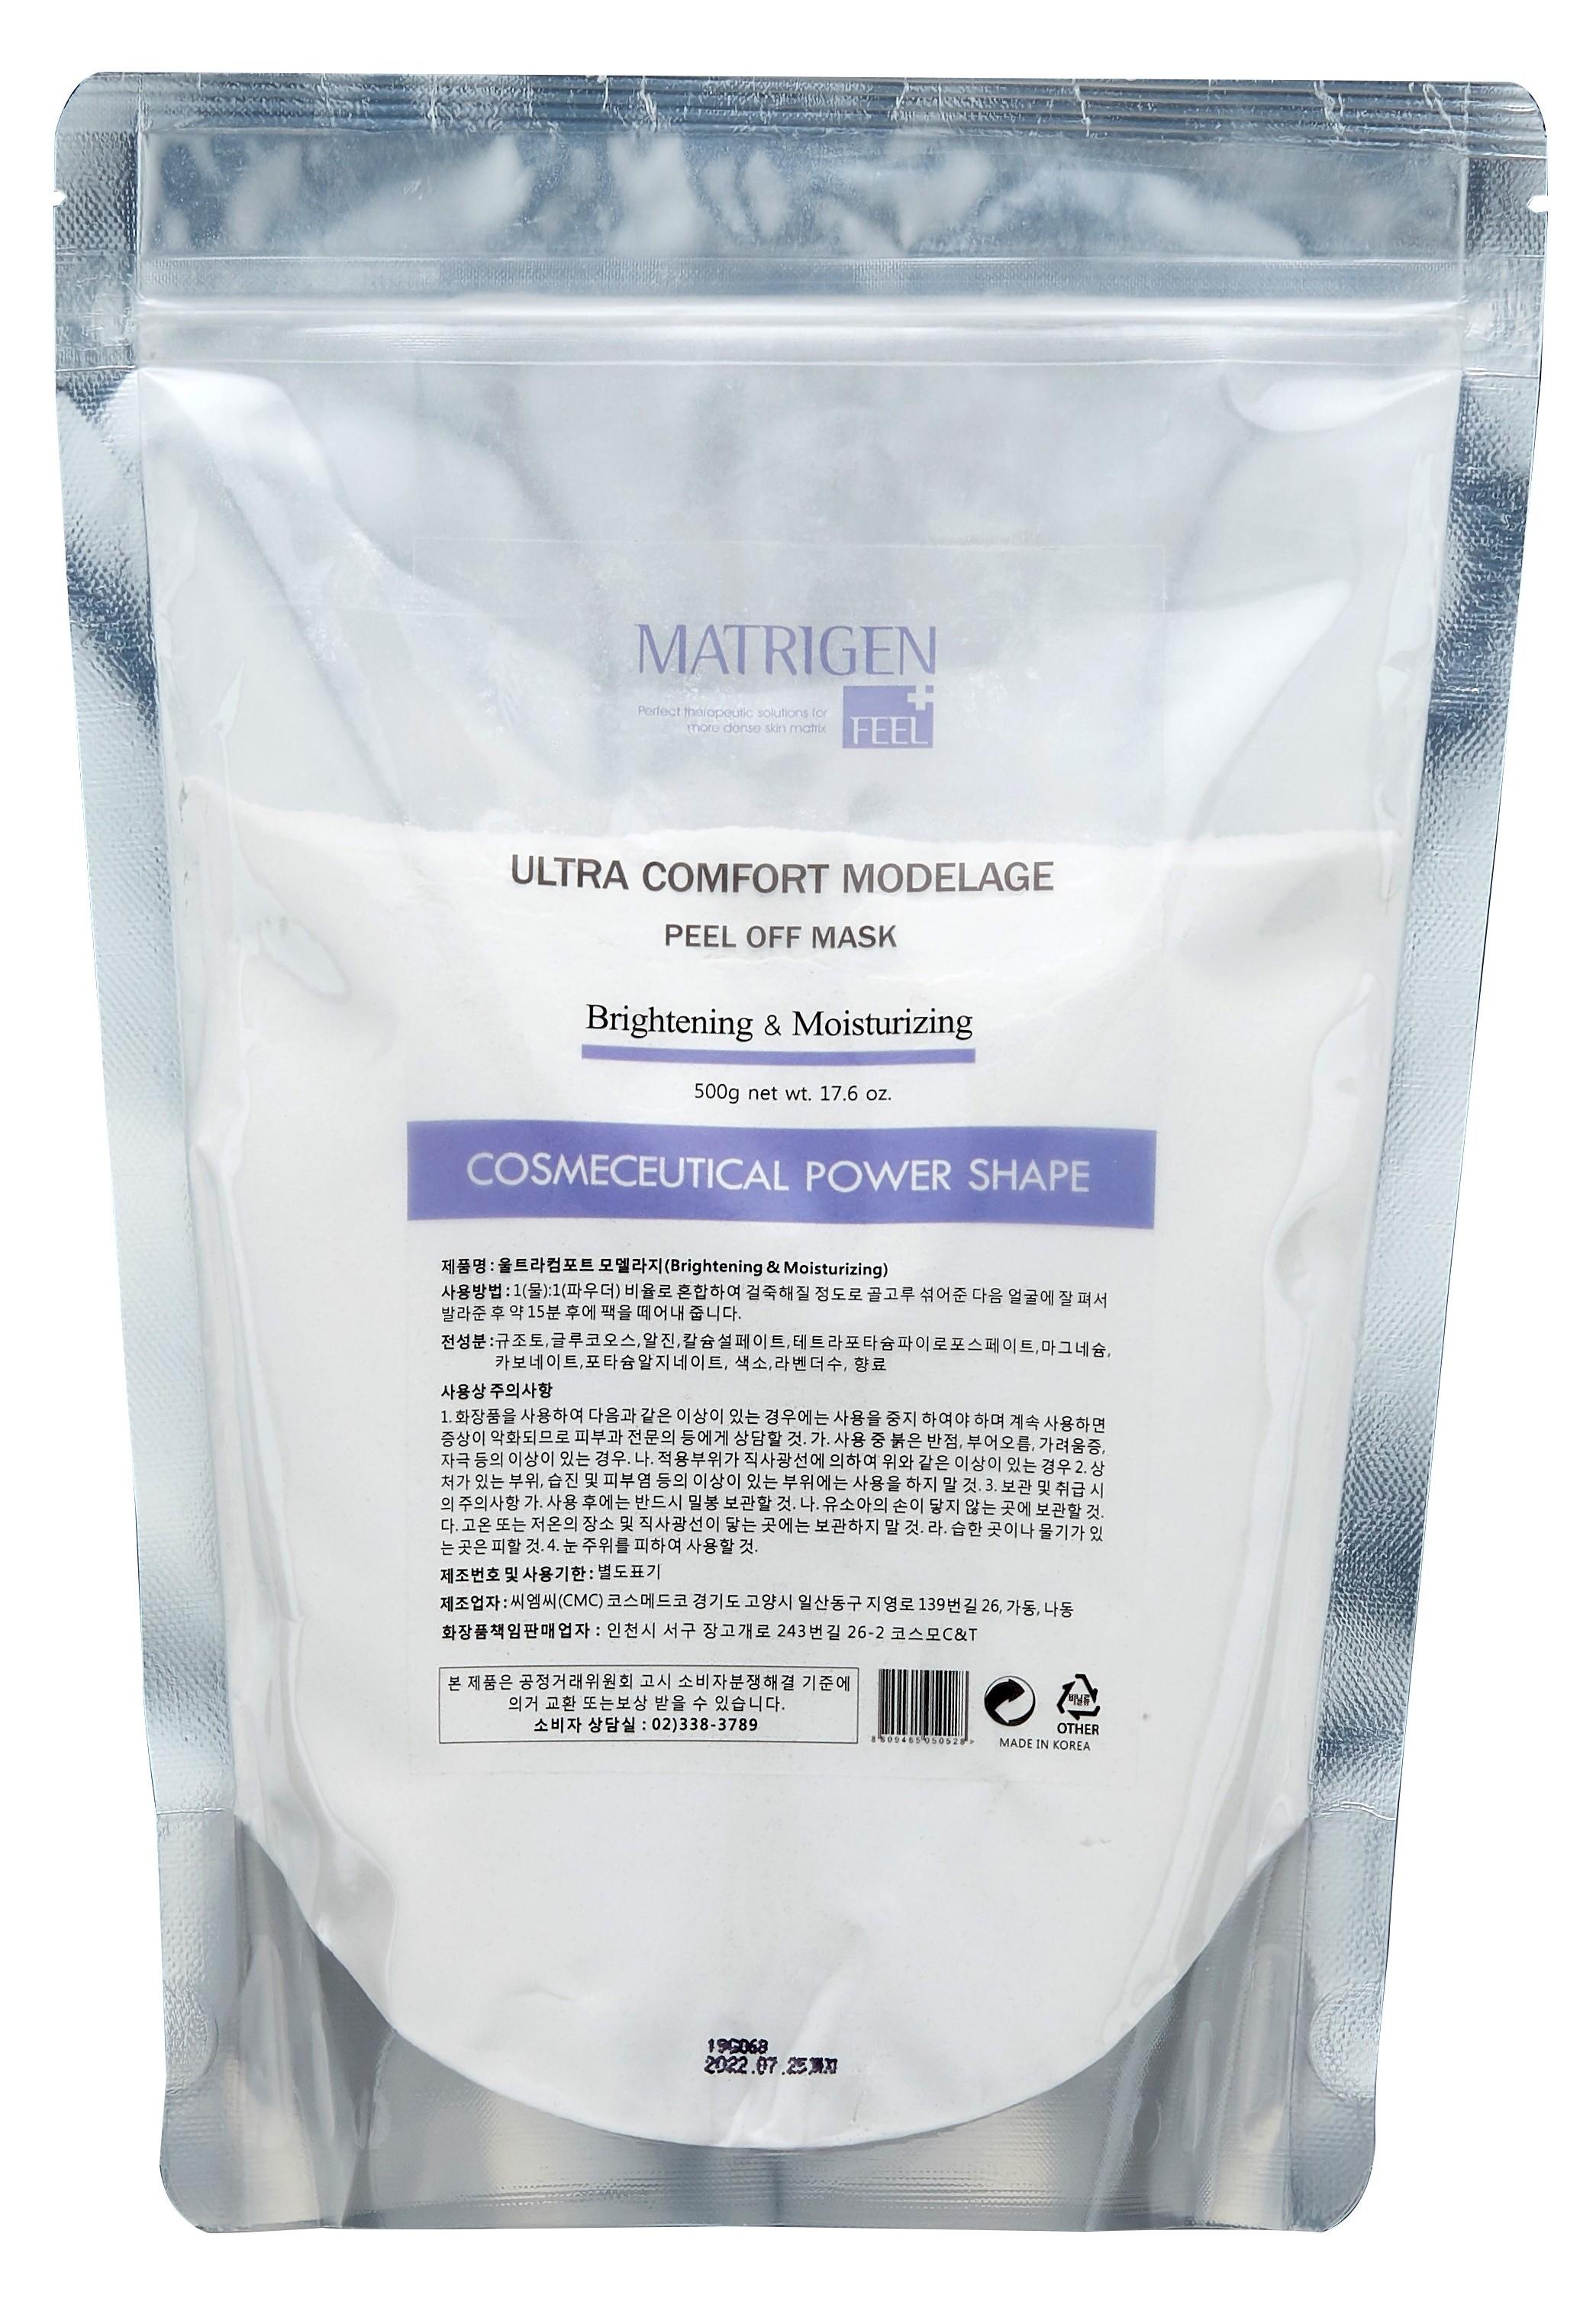 Купить MATRIGEN Маска альгинатная отбеливающая и увлажняющая / Ultra Comfort Modelage Peel off mask Brightening & Moisturizing 500 г